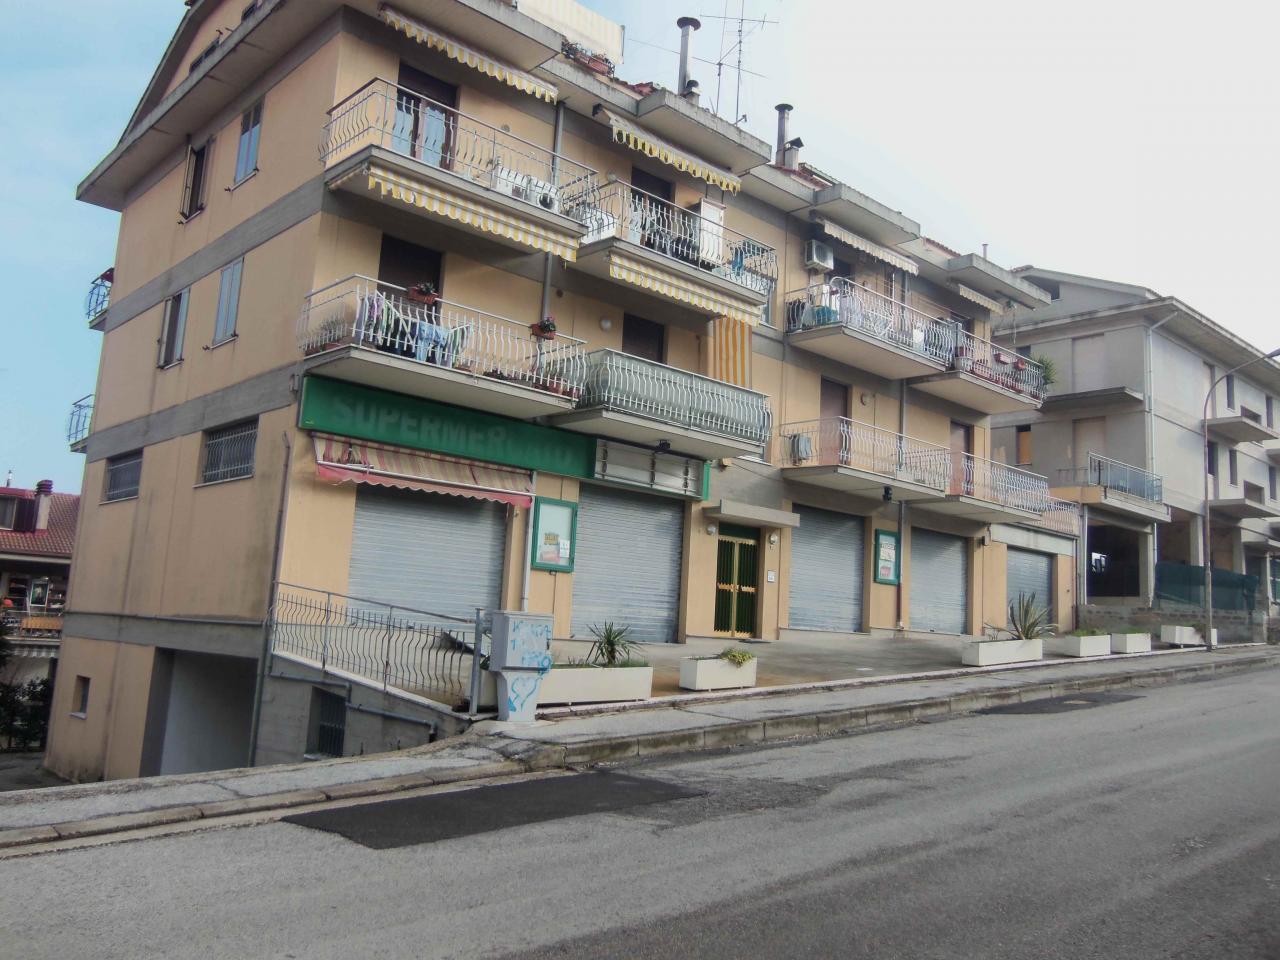 Negozio / Locale in vendita a Acquaviva Picena, 9999 locali, Trattative riservate | Cambio Casa.it